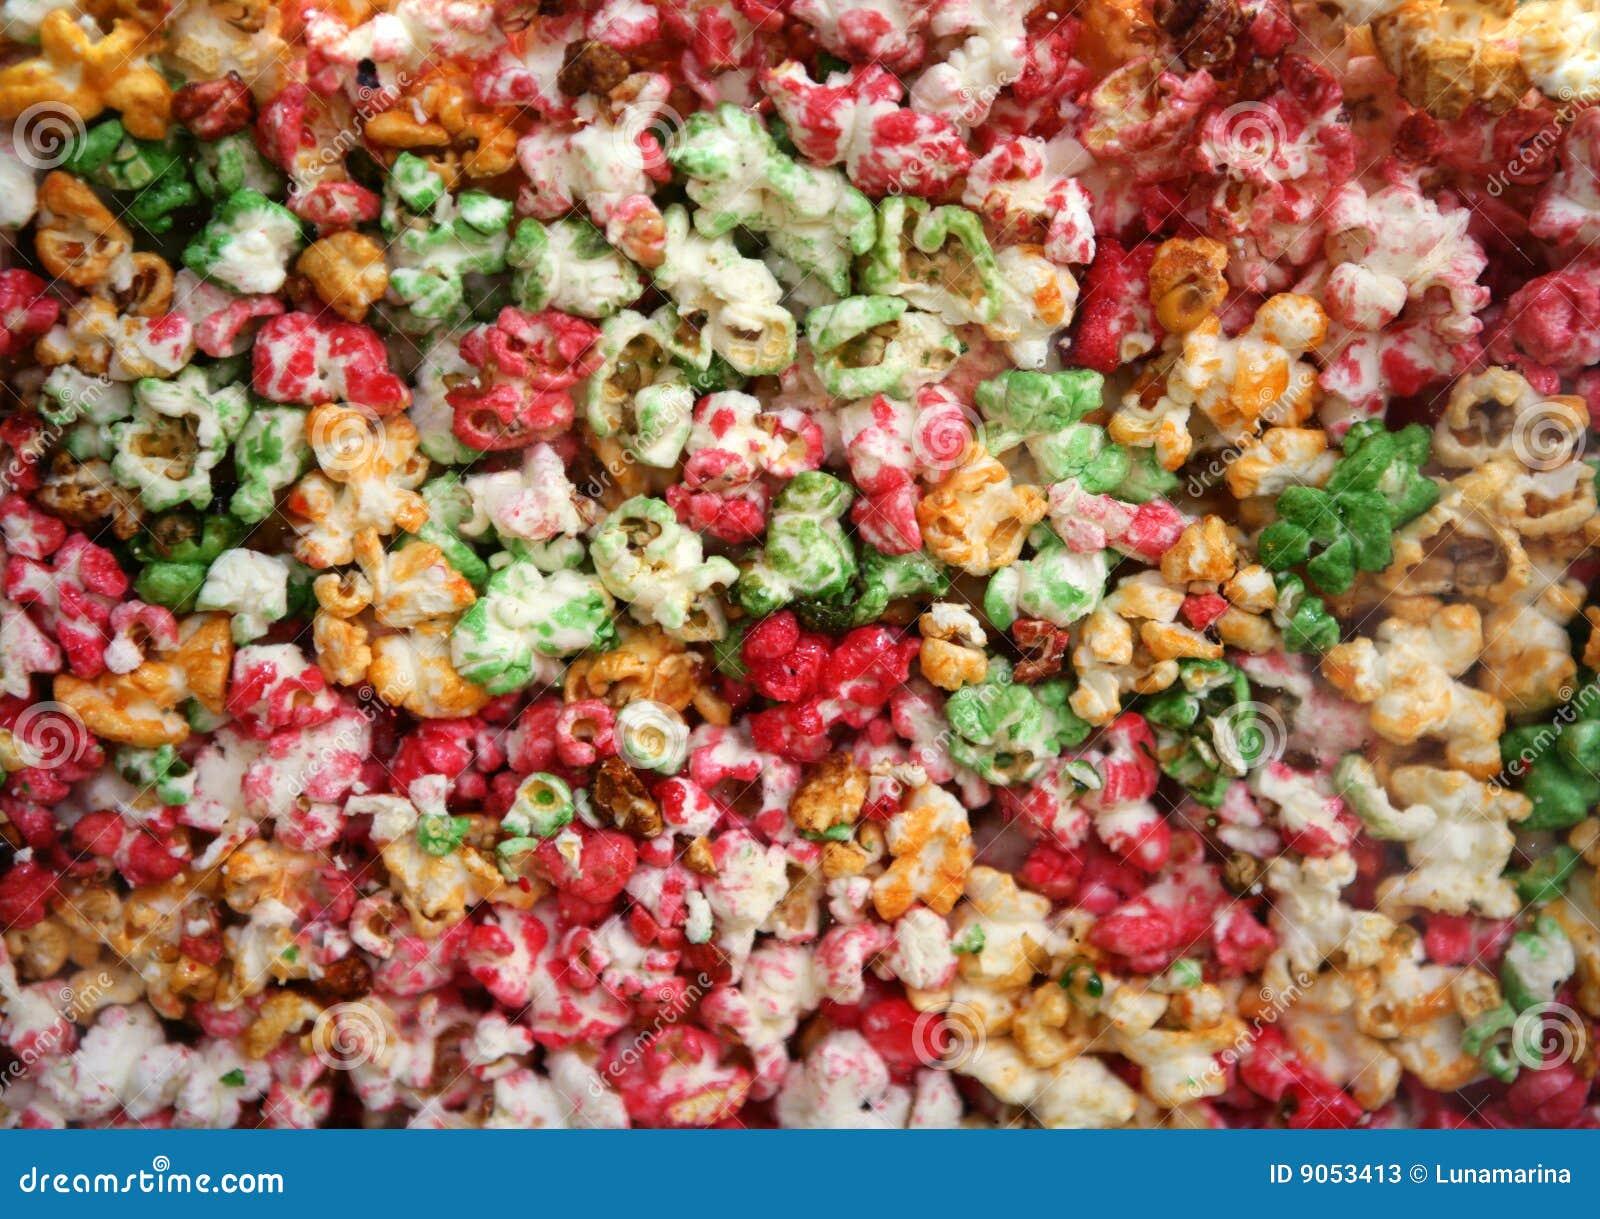 multi color sweet pop corn macro - Pop Corn Color